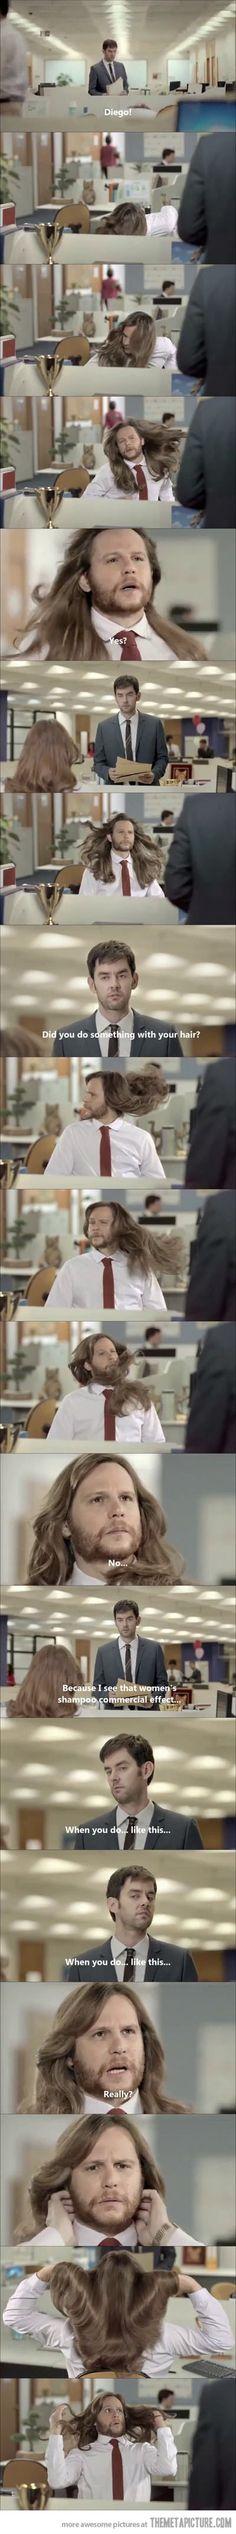 When men use women's shampoo…